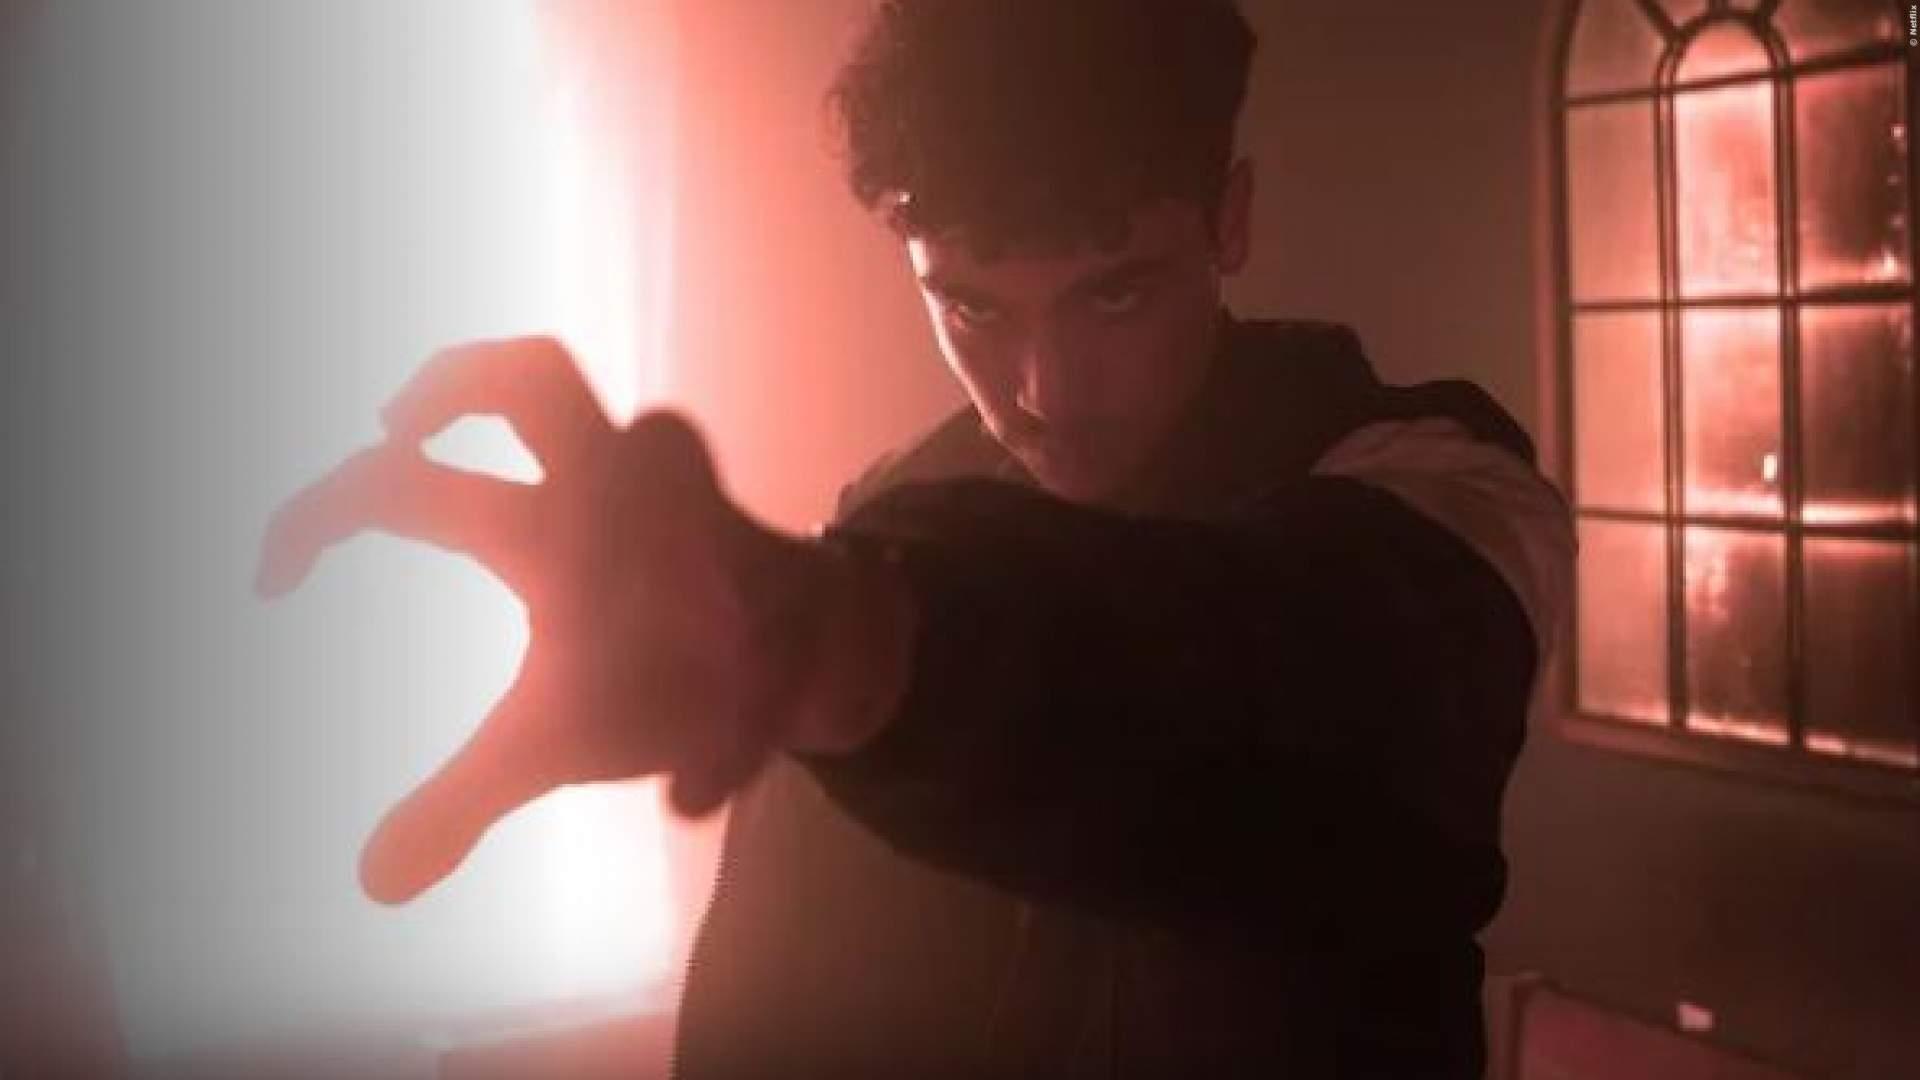 VOODOO: Erster Trailer zur neuen Netflix-Thriller Serie 'Sterbliche'